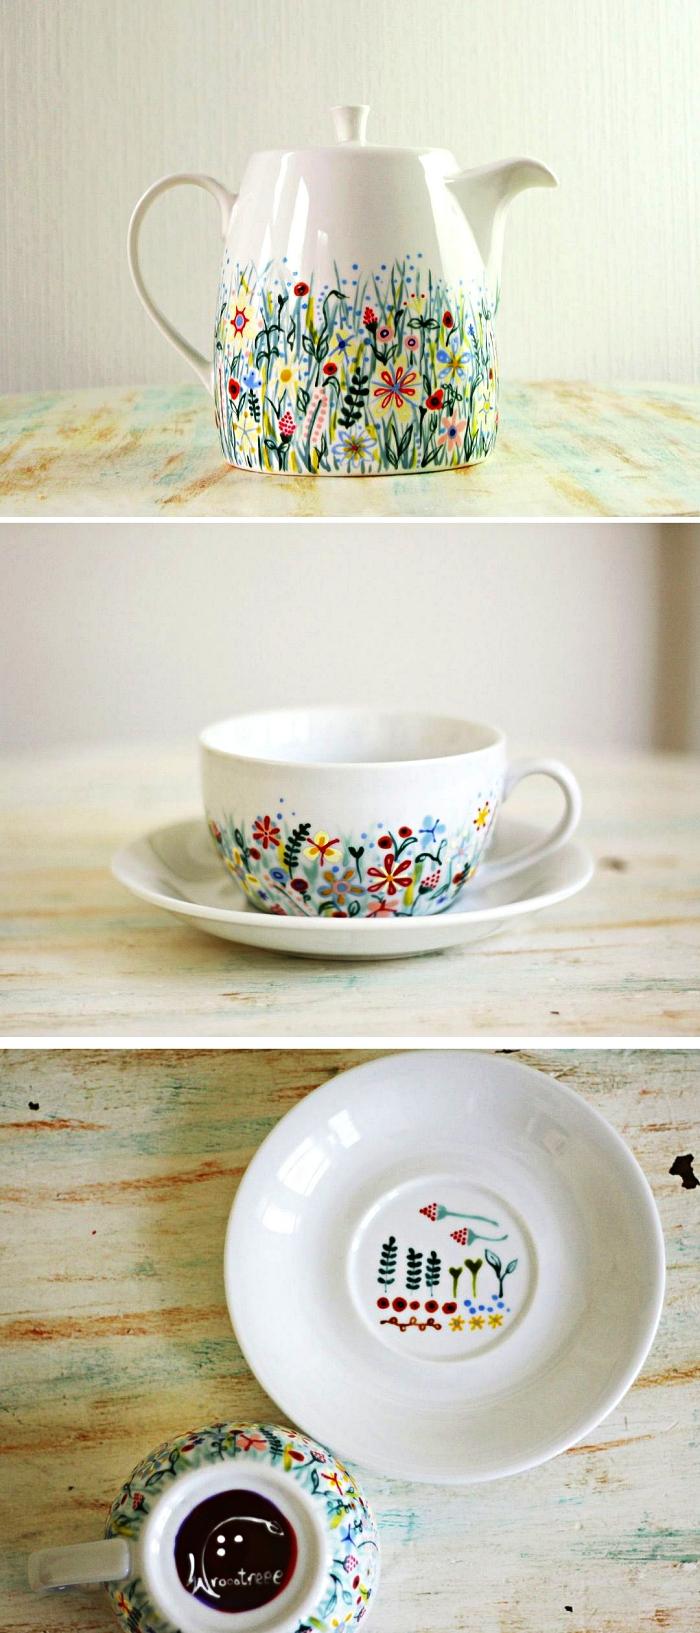 théière et tasse à café personnalisées avec des motifs floraux à la peinture porcelaine